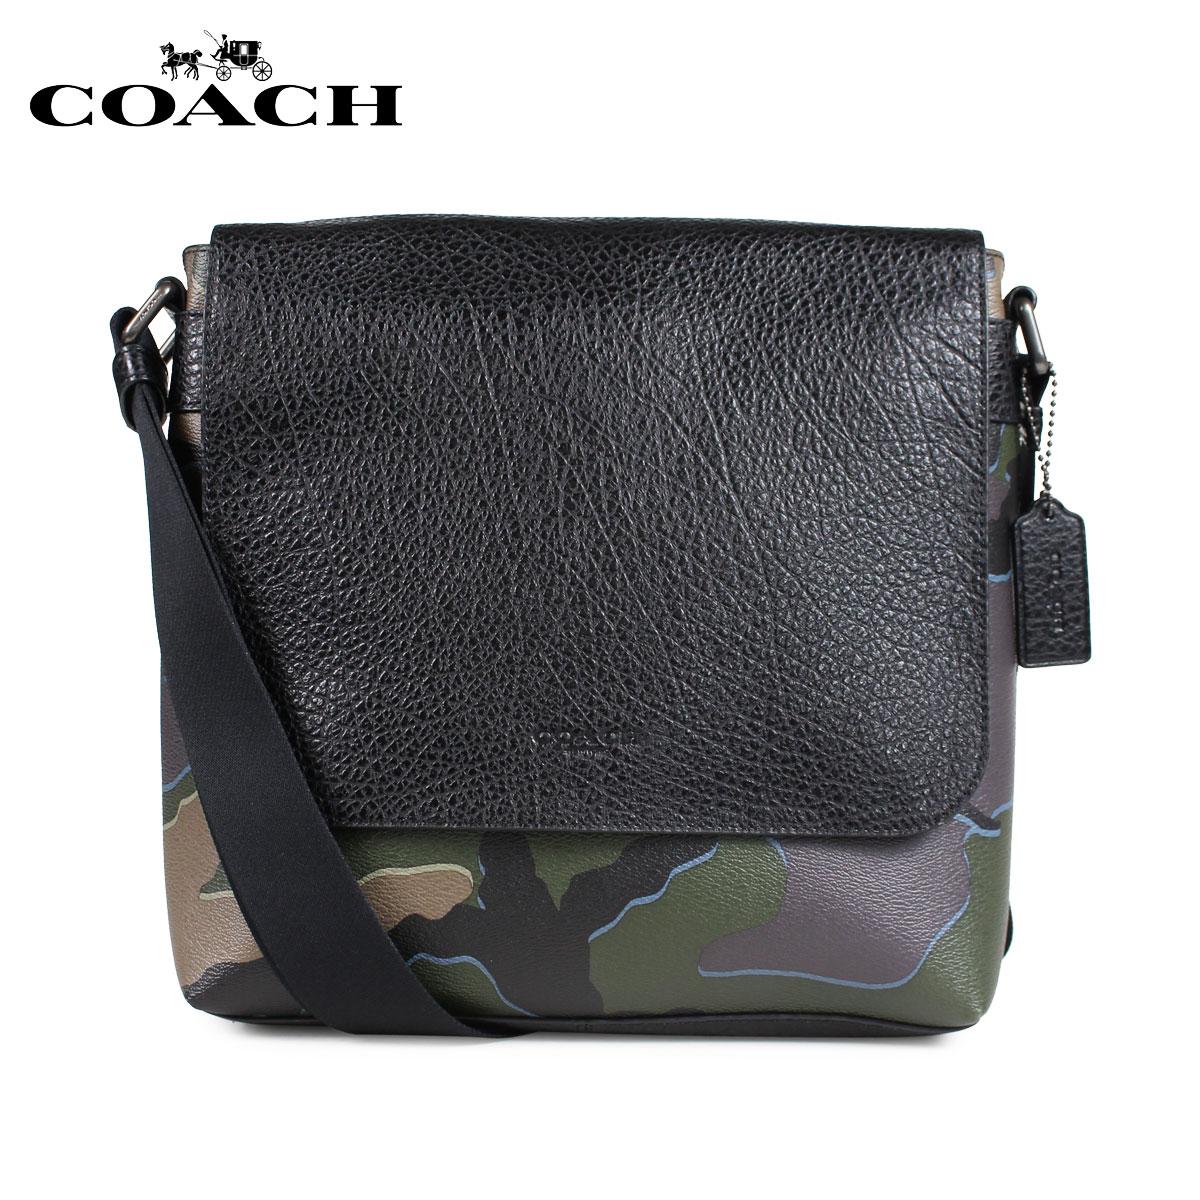 COACH F31559 コーチ バッグ ショルダーバッグ メンズ レザー カモ グリーン [3/8 新入荷]